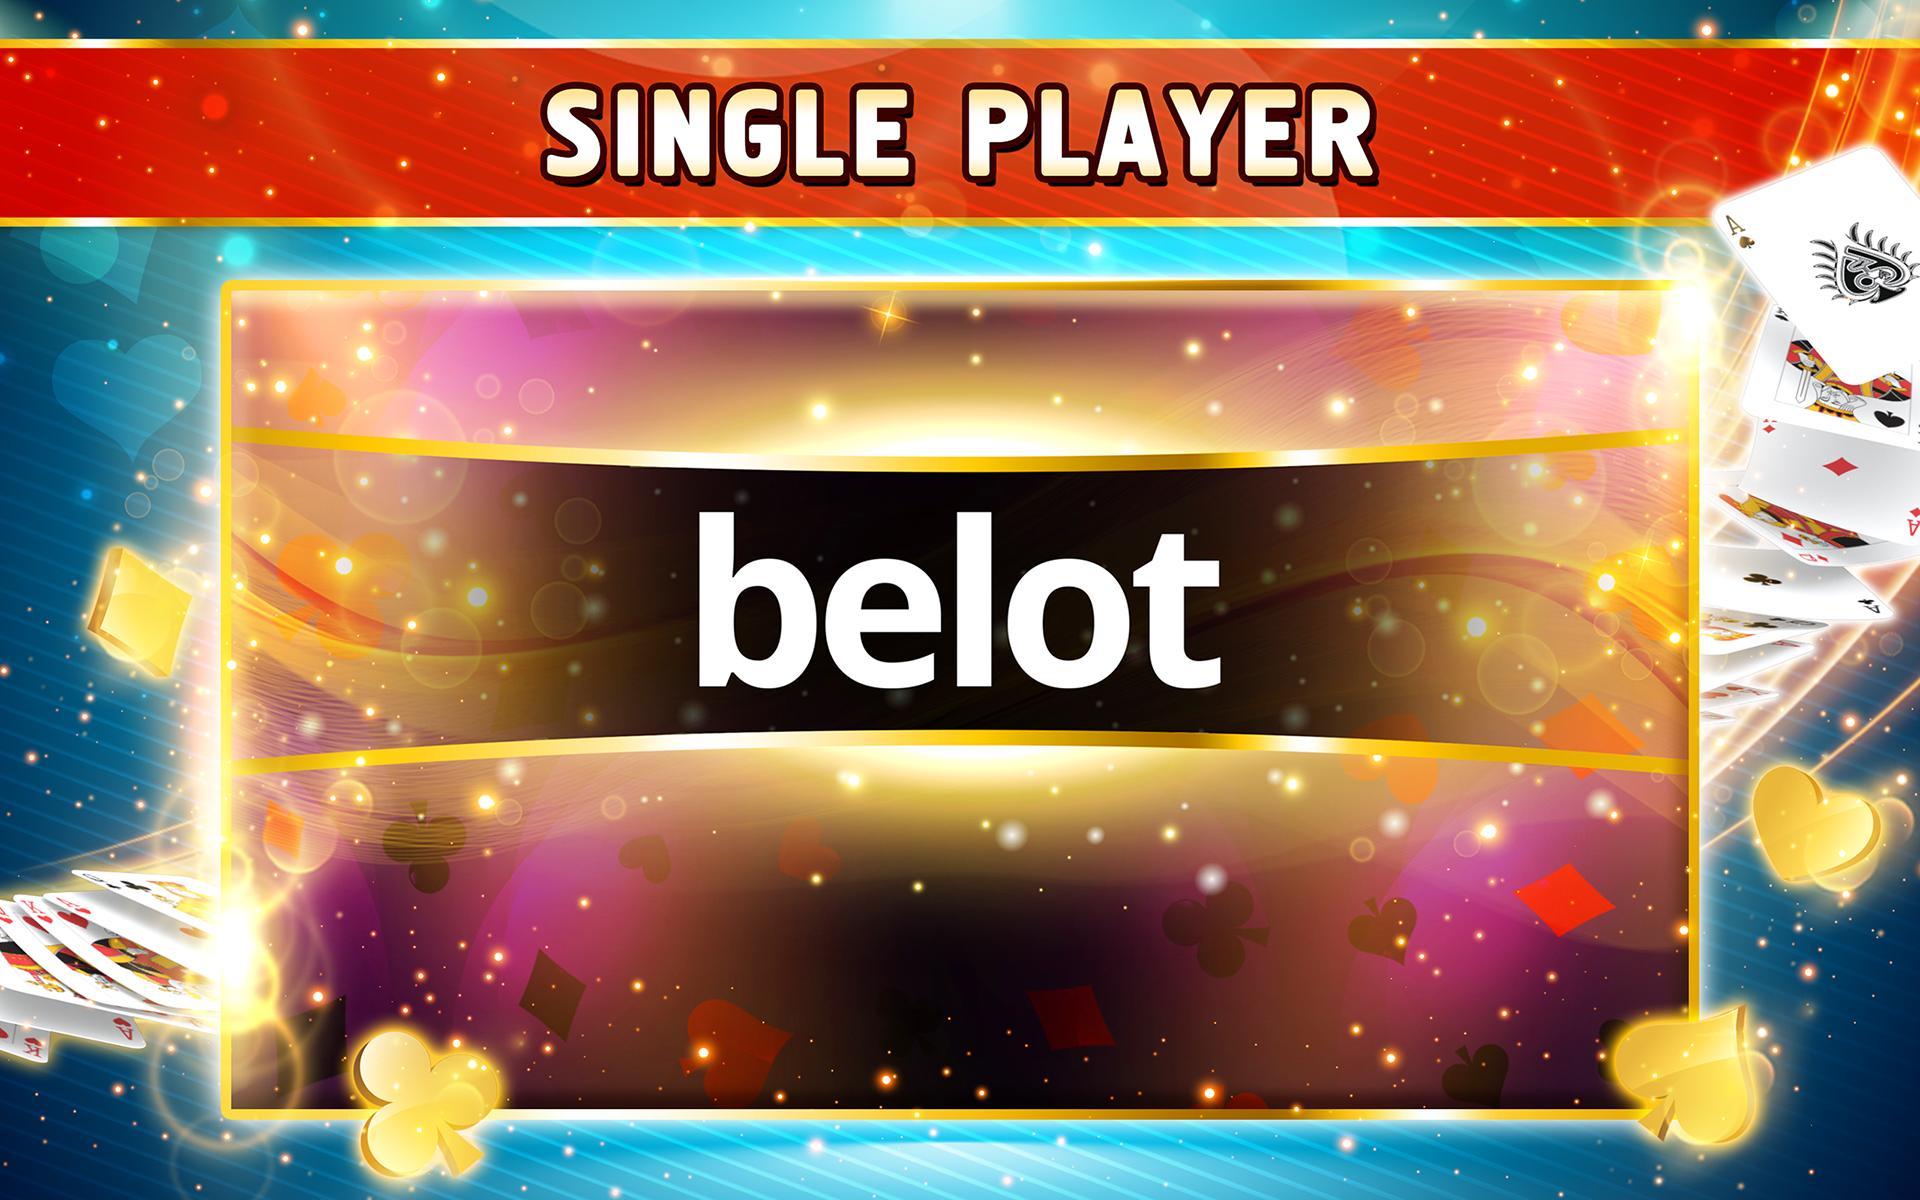 Belot - Играй Белот офлайн 1.0.15 Screenshot 11